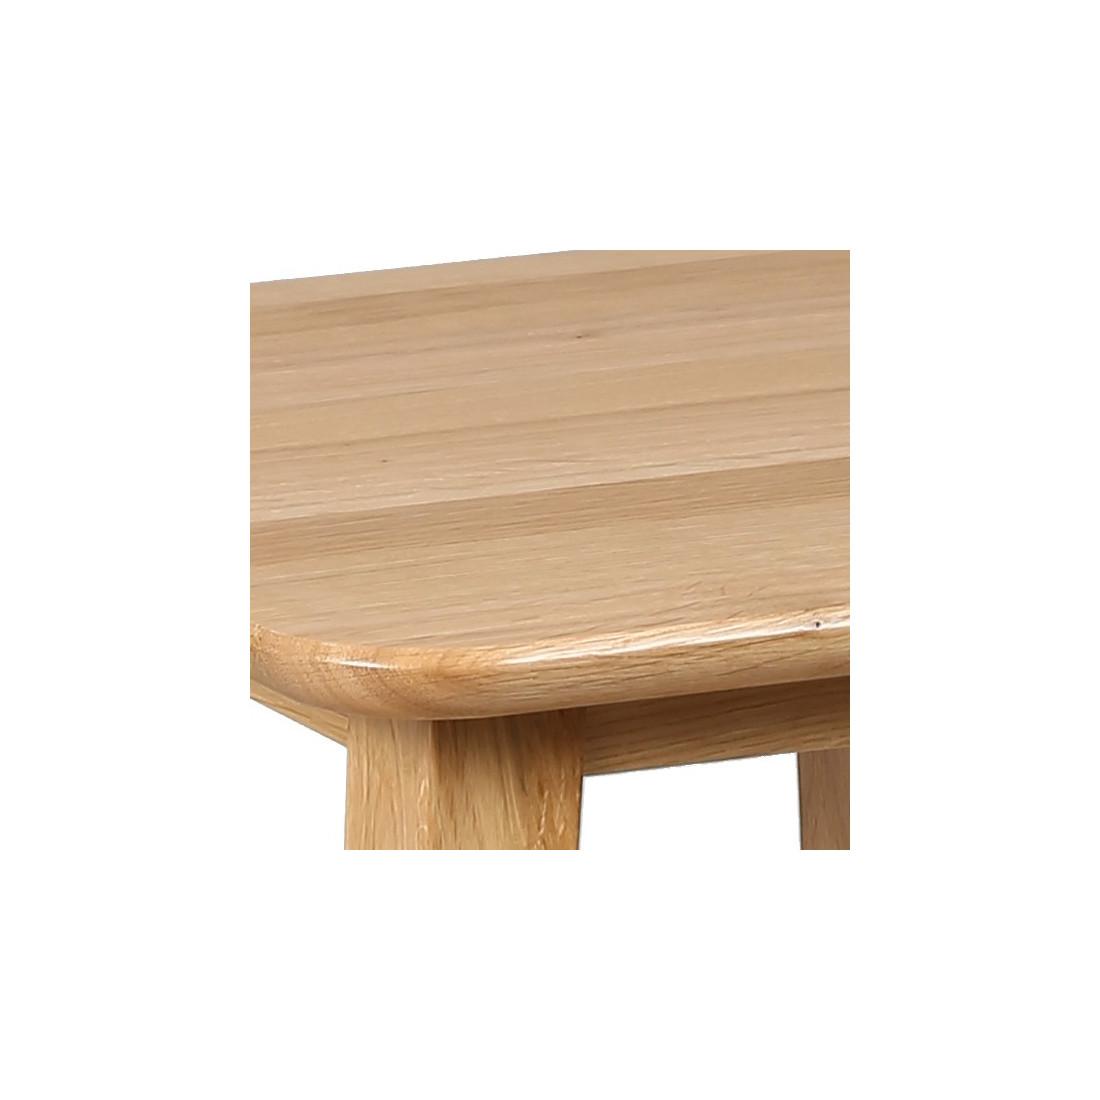 Sellette en bois de chêne QUINTA  Univers Petits Meubles  Tousmesmeubles -> Bois De Chêne